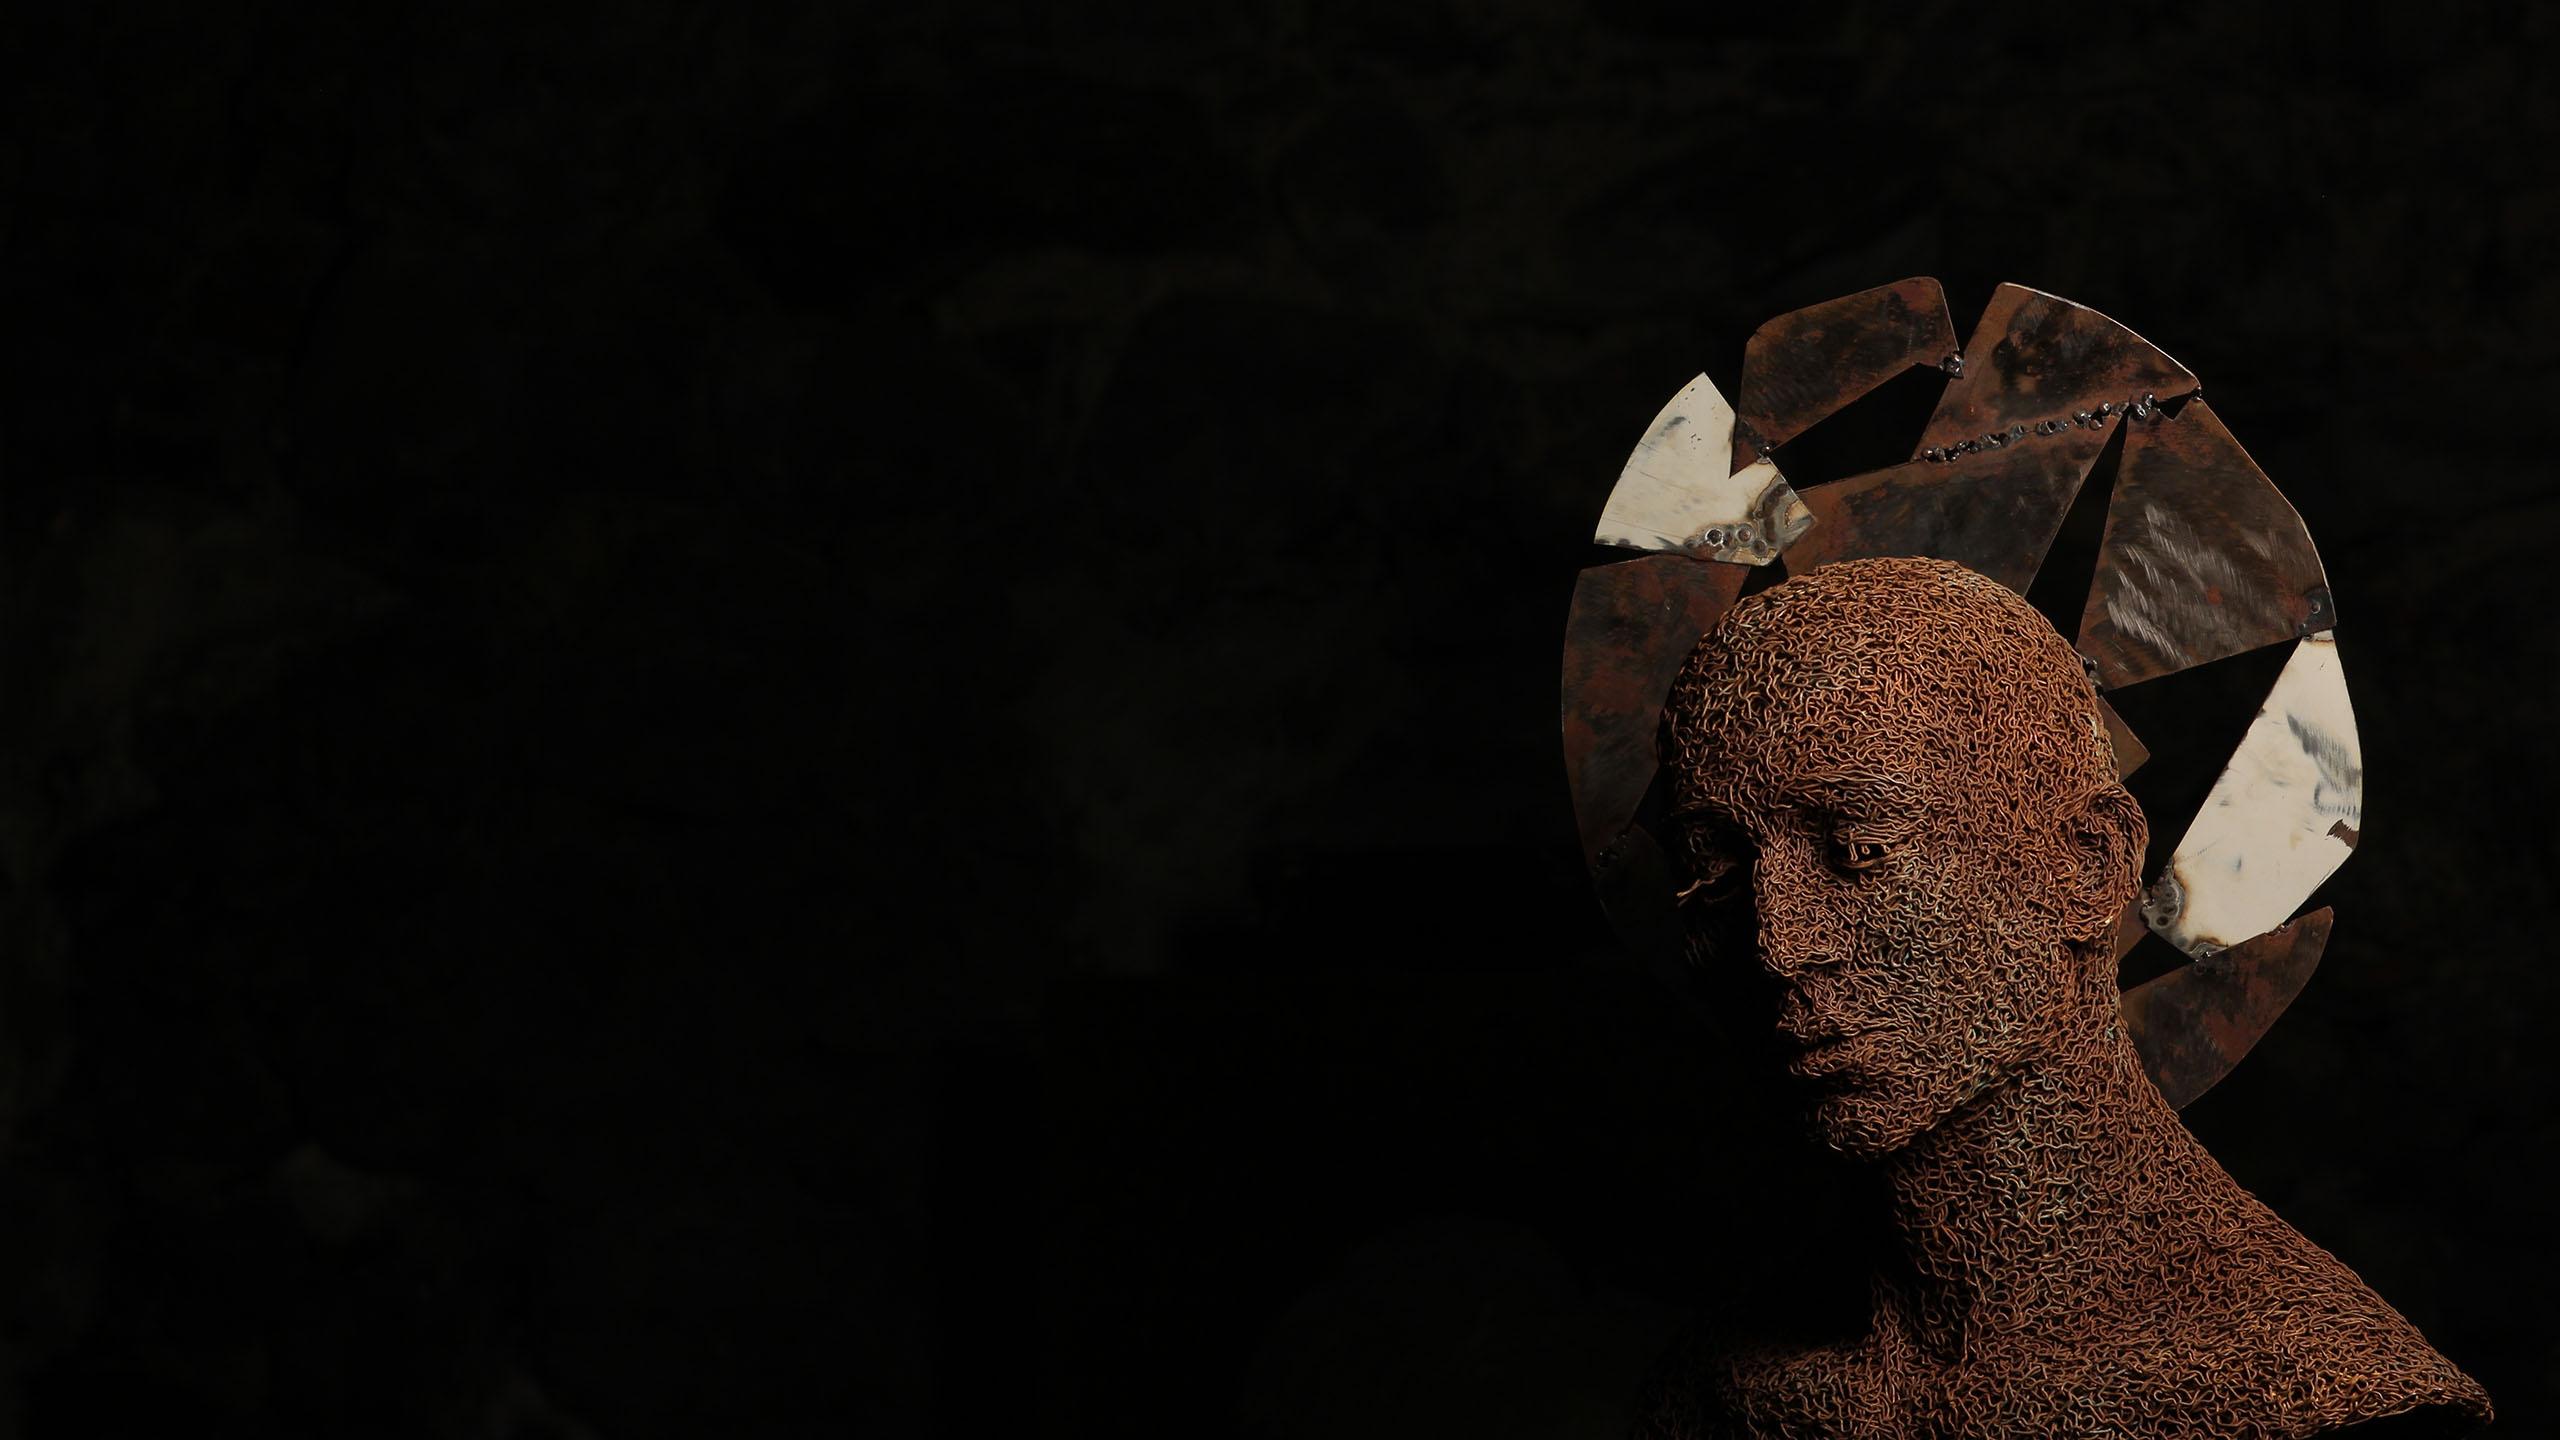 mattia-trotta-artista-scultore-arte-sacra-sculture-su-commissione-in-filo-metallico-ferro-bronzo-acciaio-alluminio-11